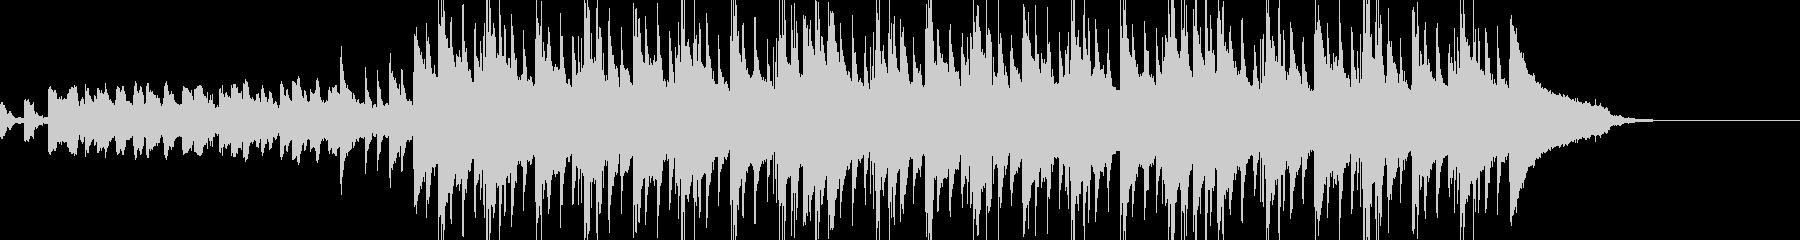 切ない旋律にグルーヴ感を加えたポップスの未再生の波形